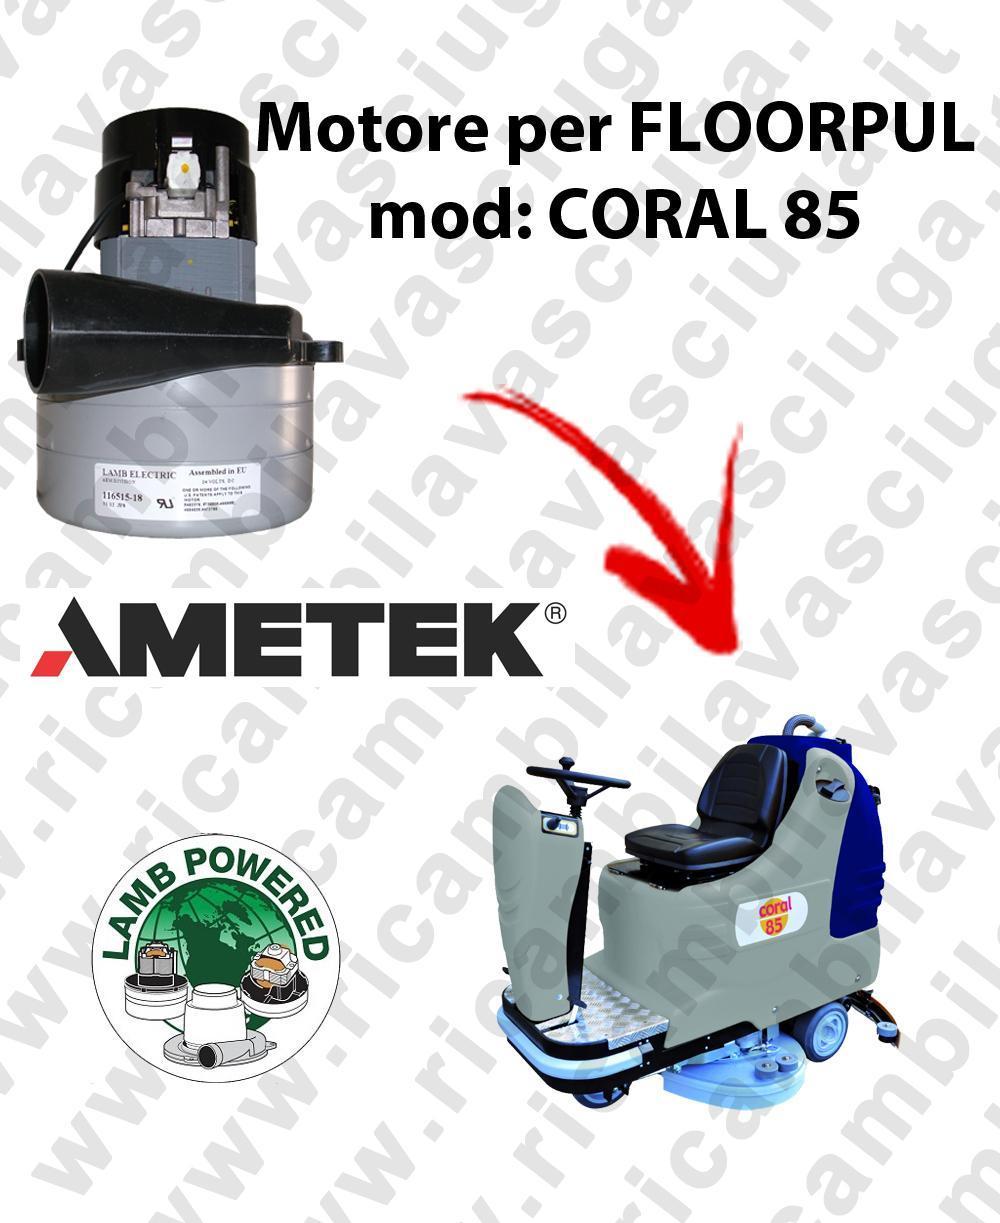 CORAL 85 MOTEUR ASPIRATION LAMB AMATEK pour autolaveuses FLOORPUL